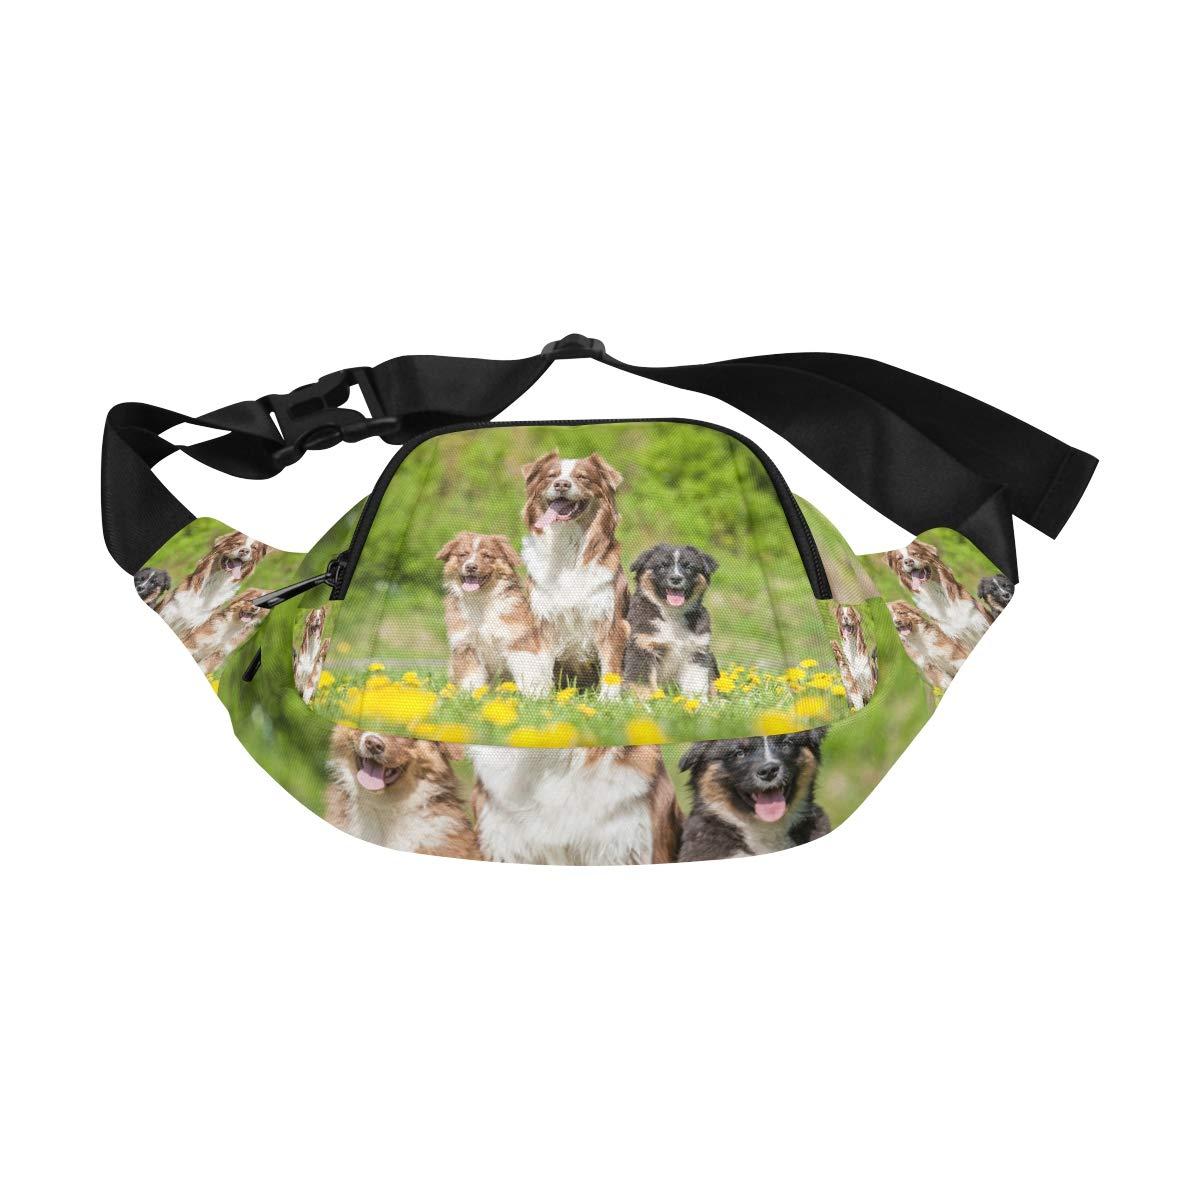 Three Cute Dogs Lying In A Dandelion Meadow Fenny Packs Waist Bags Adjustable Belt Waterproof Nylon Travel Running Sport Vacation Party For Men Women Boys Girls Kids